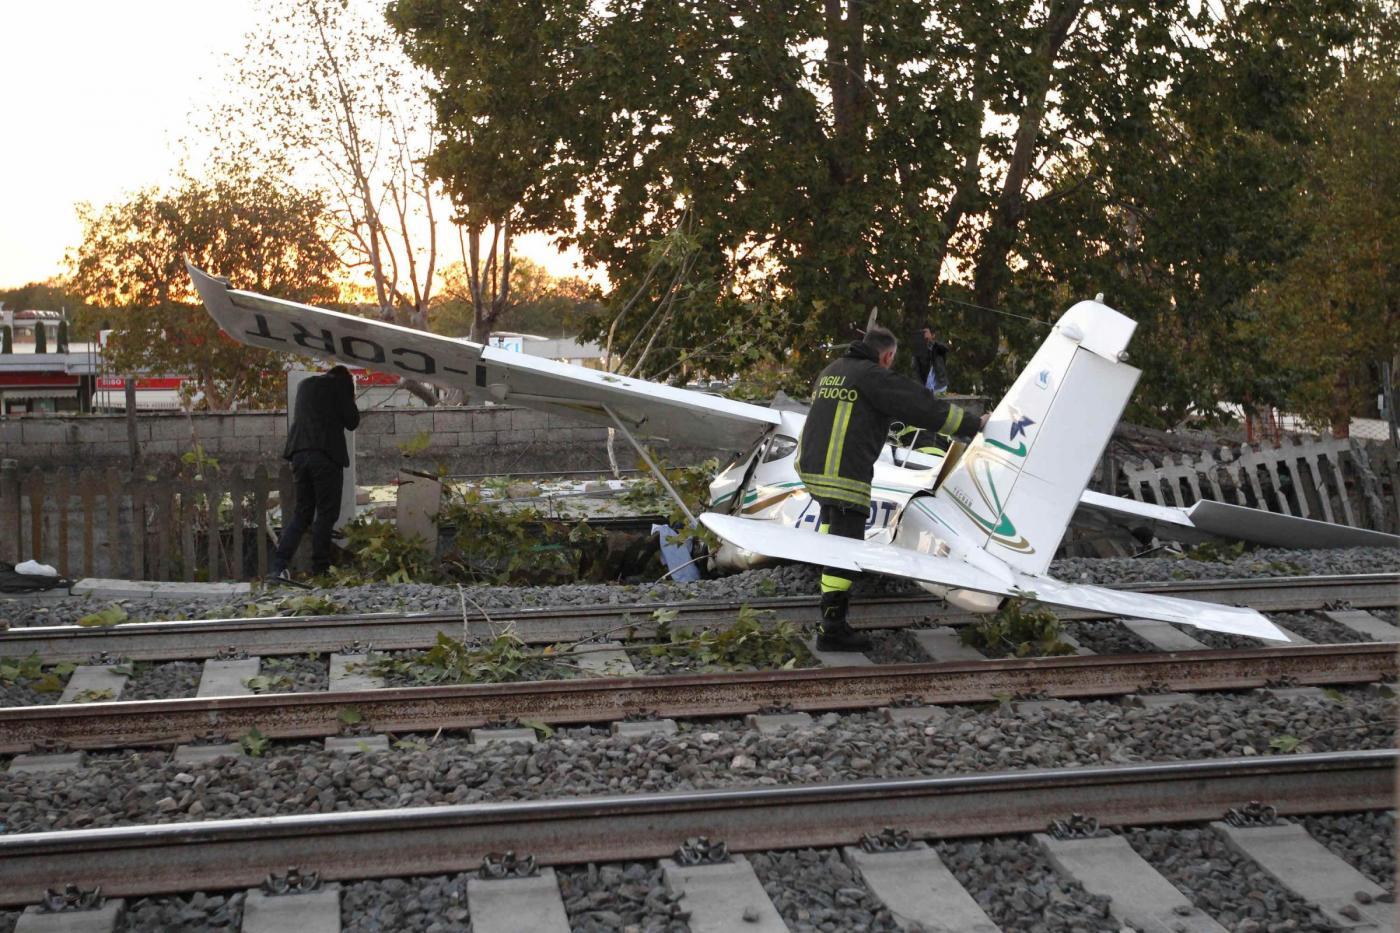 Aeroporto Urbe : Manovre acrobatiche con avvicinamento e atterraggio a roma urbe